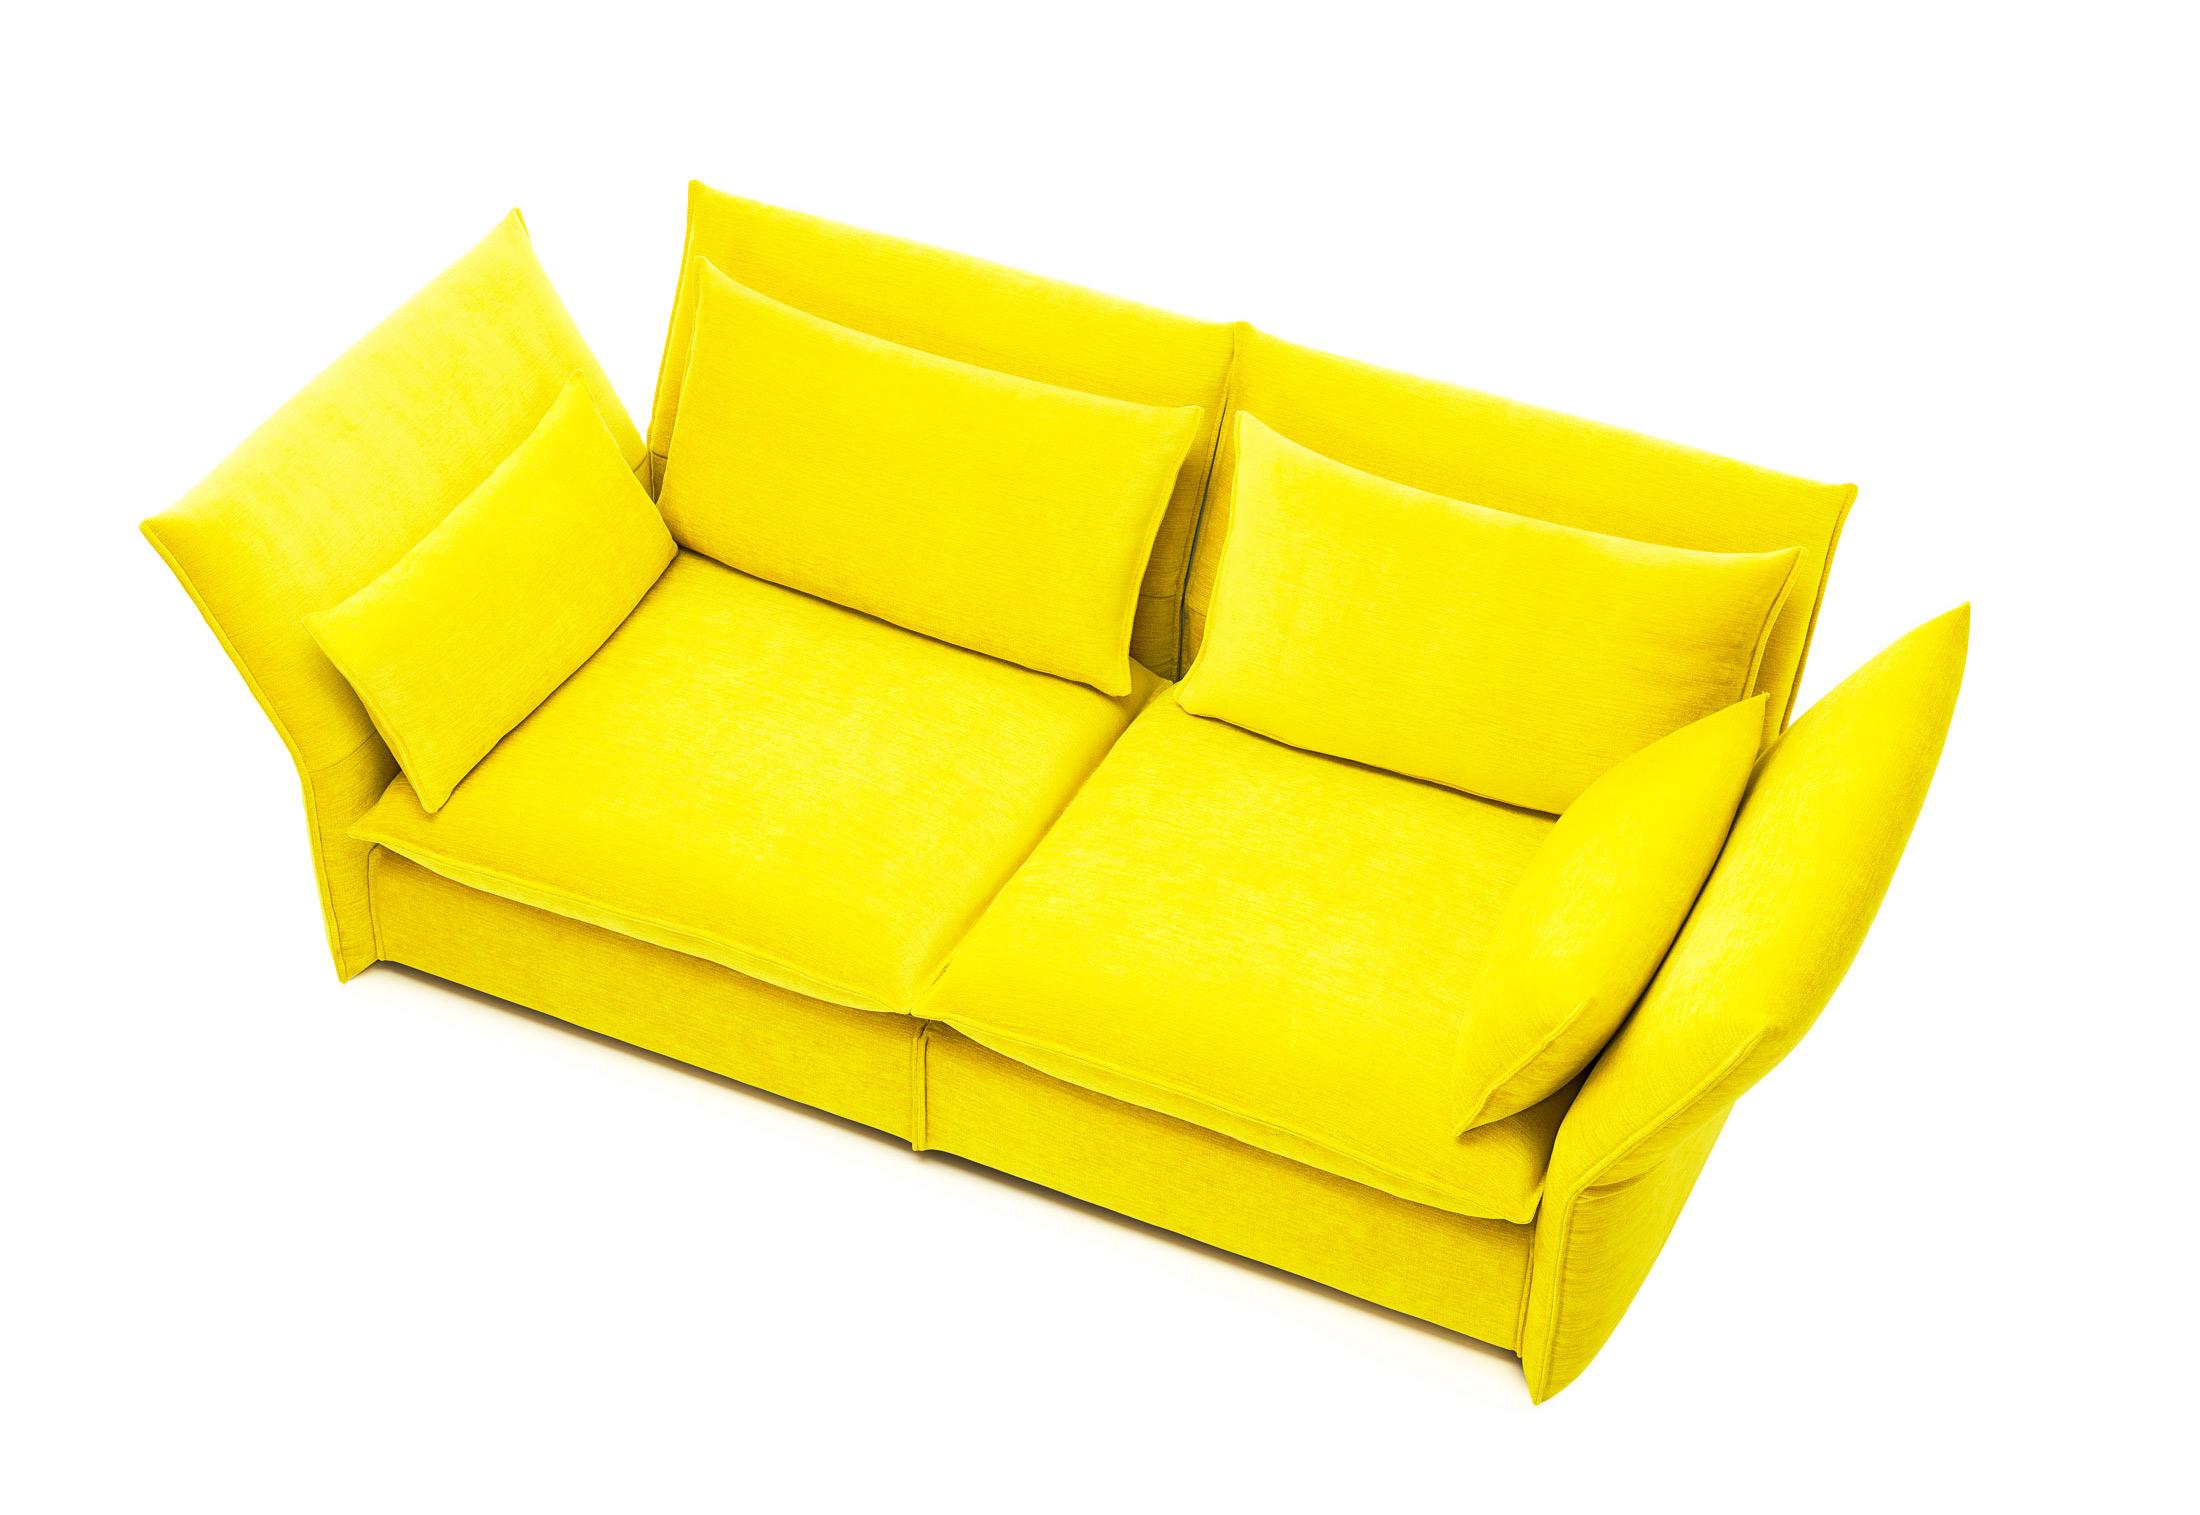 Mariposa Sofa by Vitra